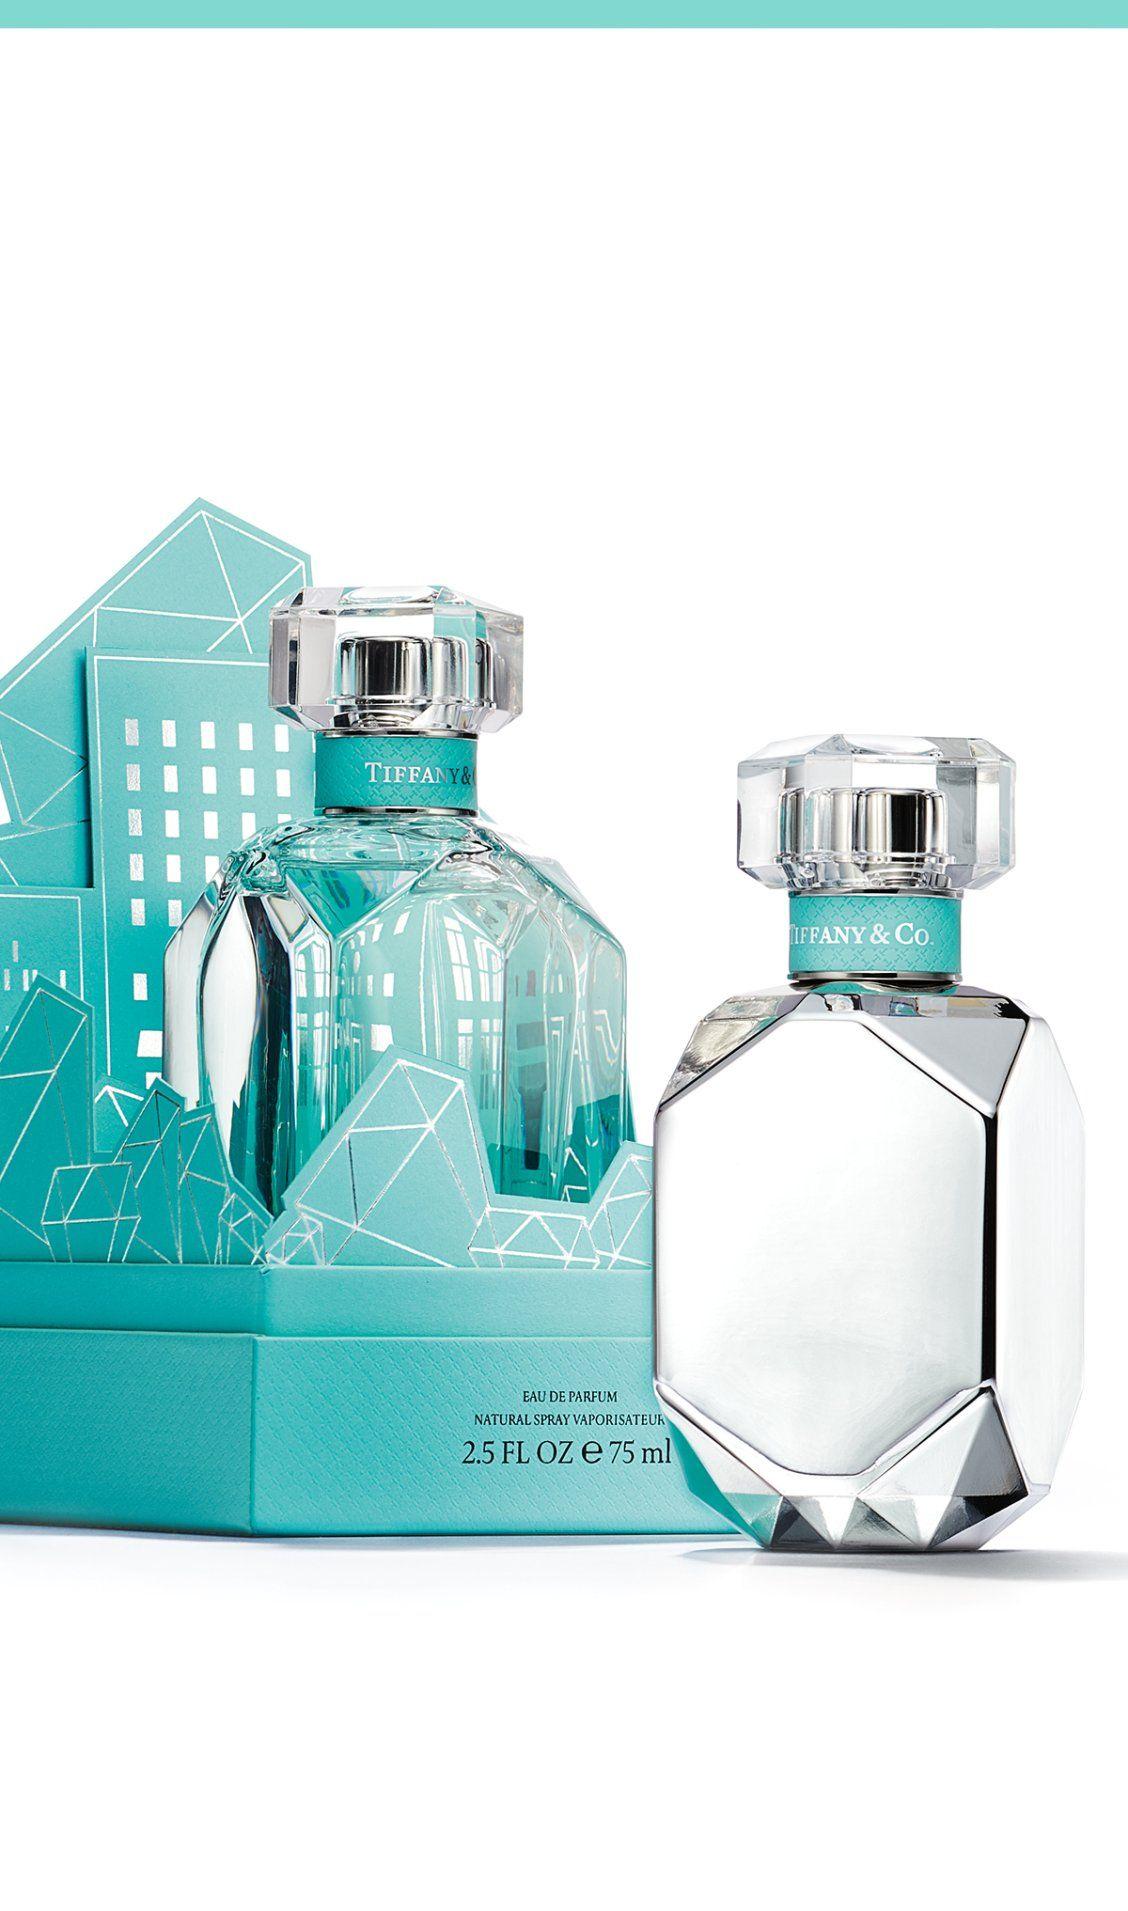 Tiffany Co Tiffany And Co Tiffany Jewelry Tiffany Co